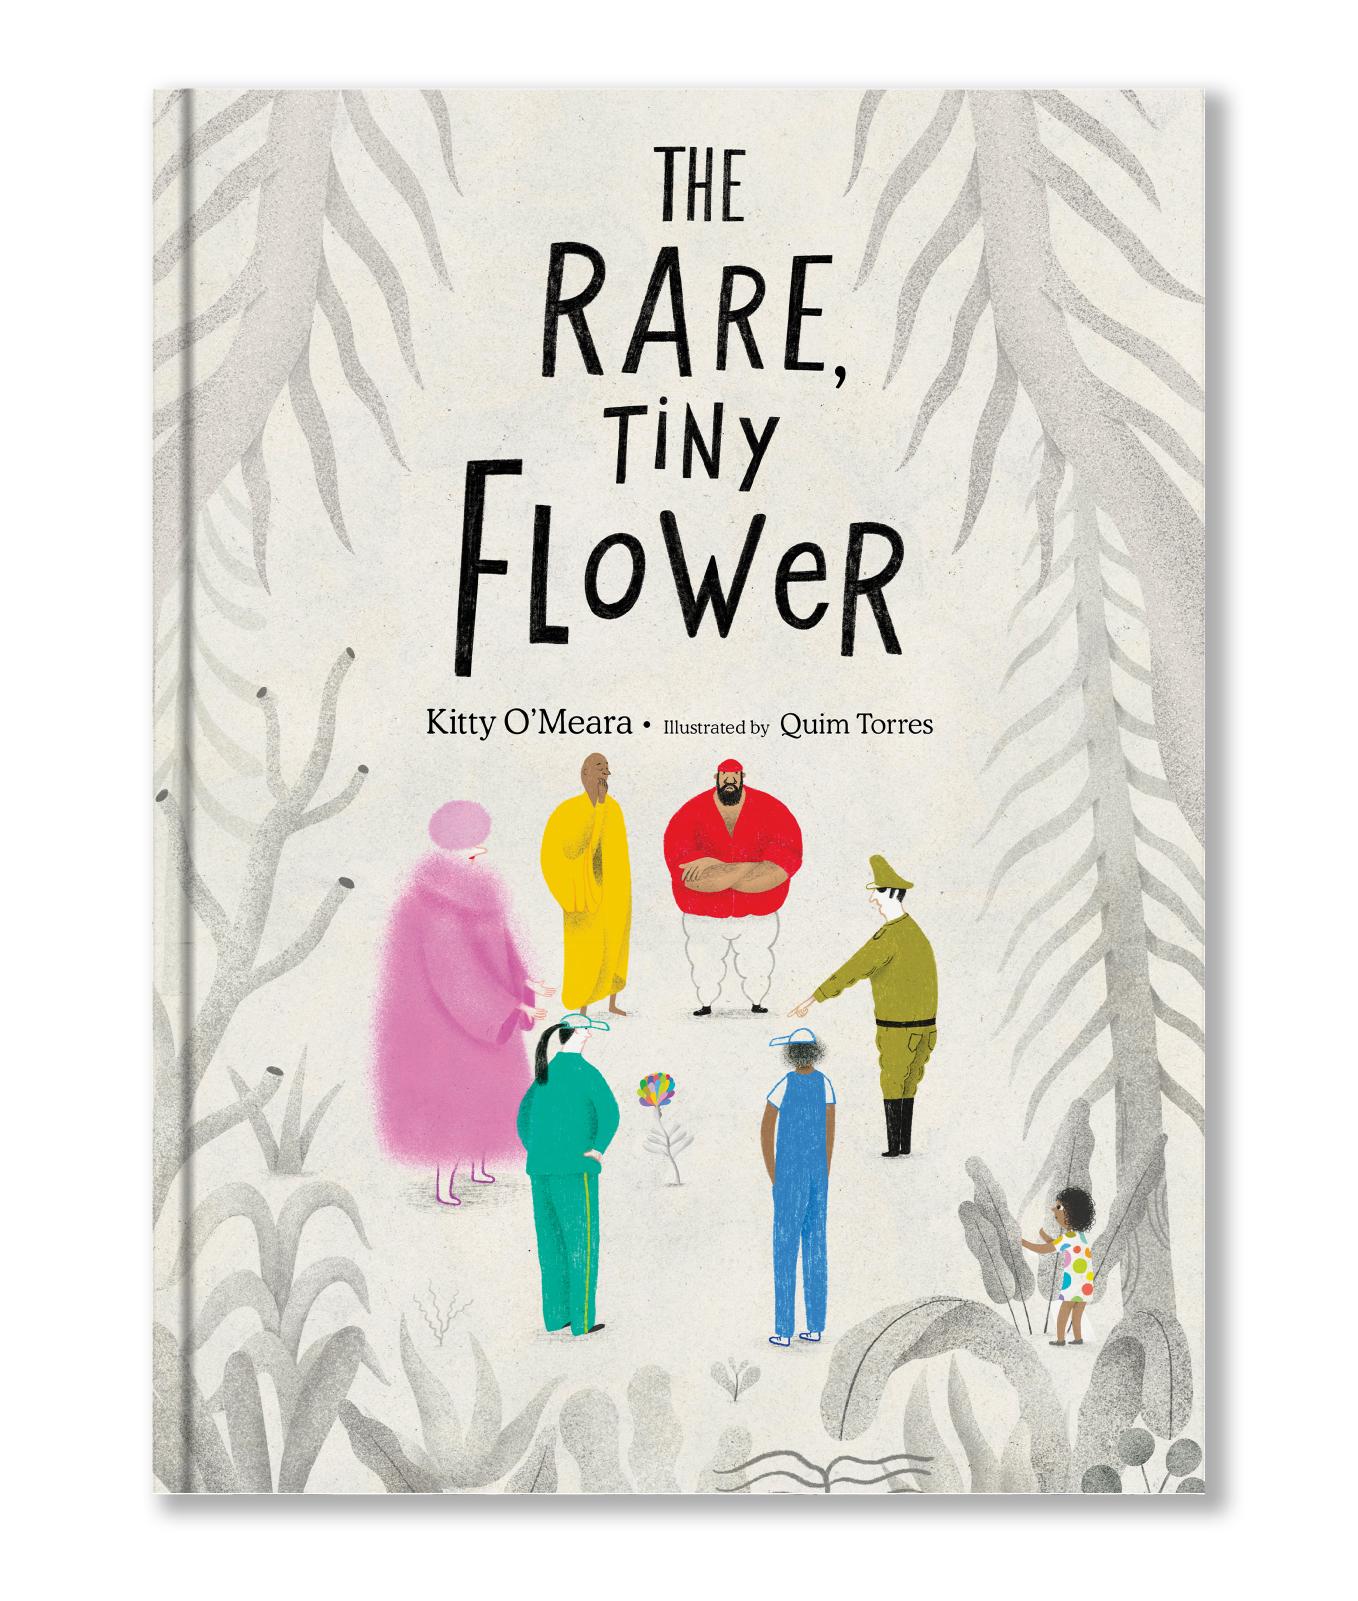 The Rare, Tiny Flower